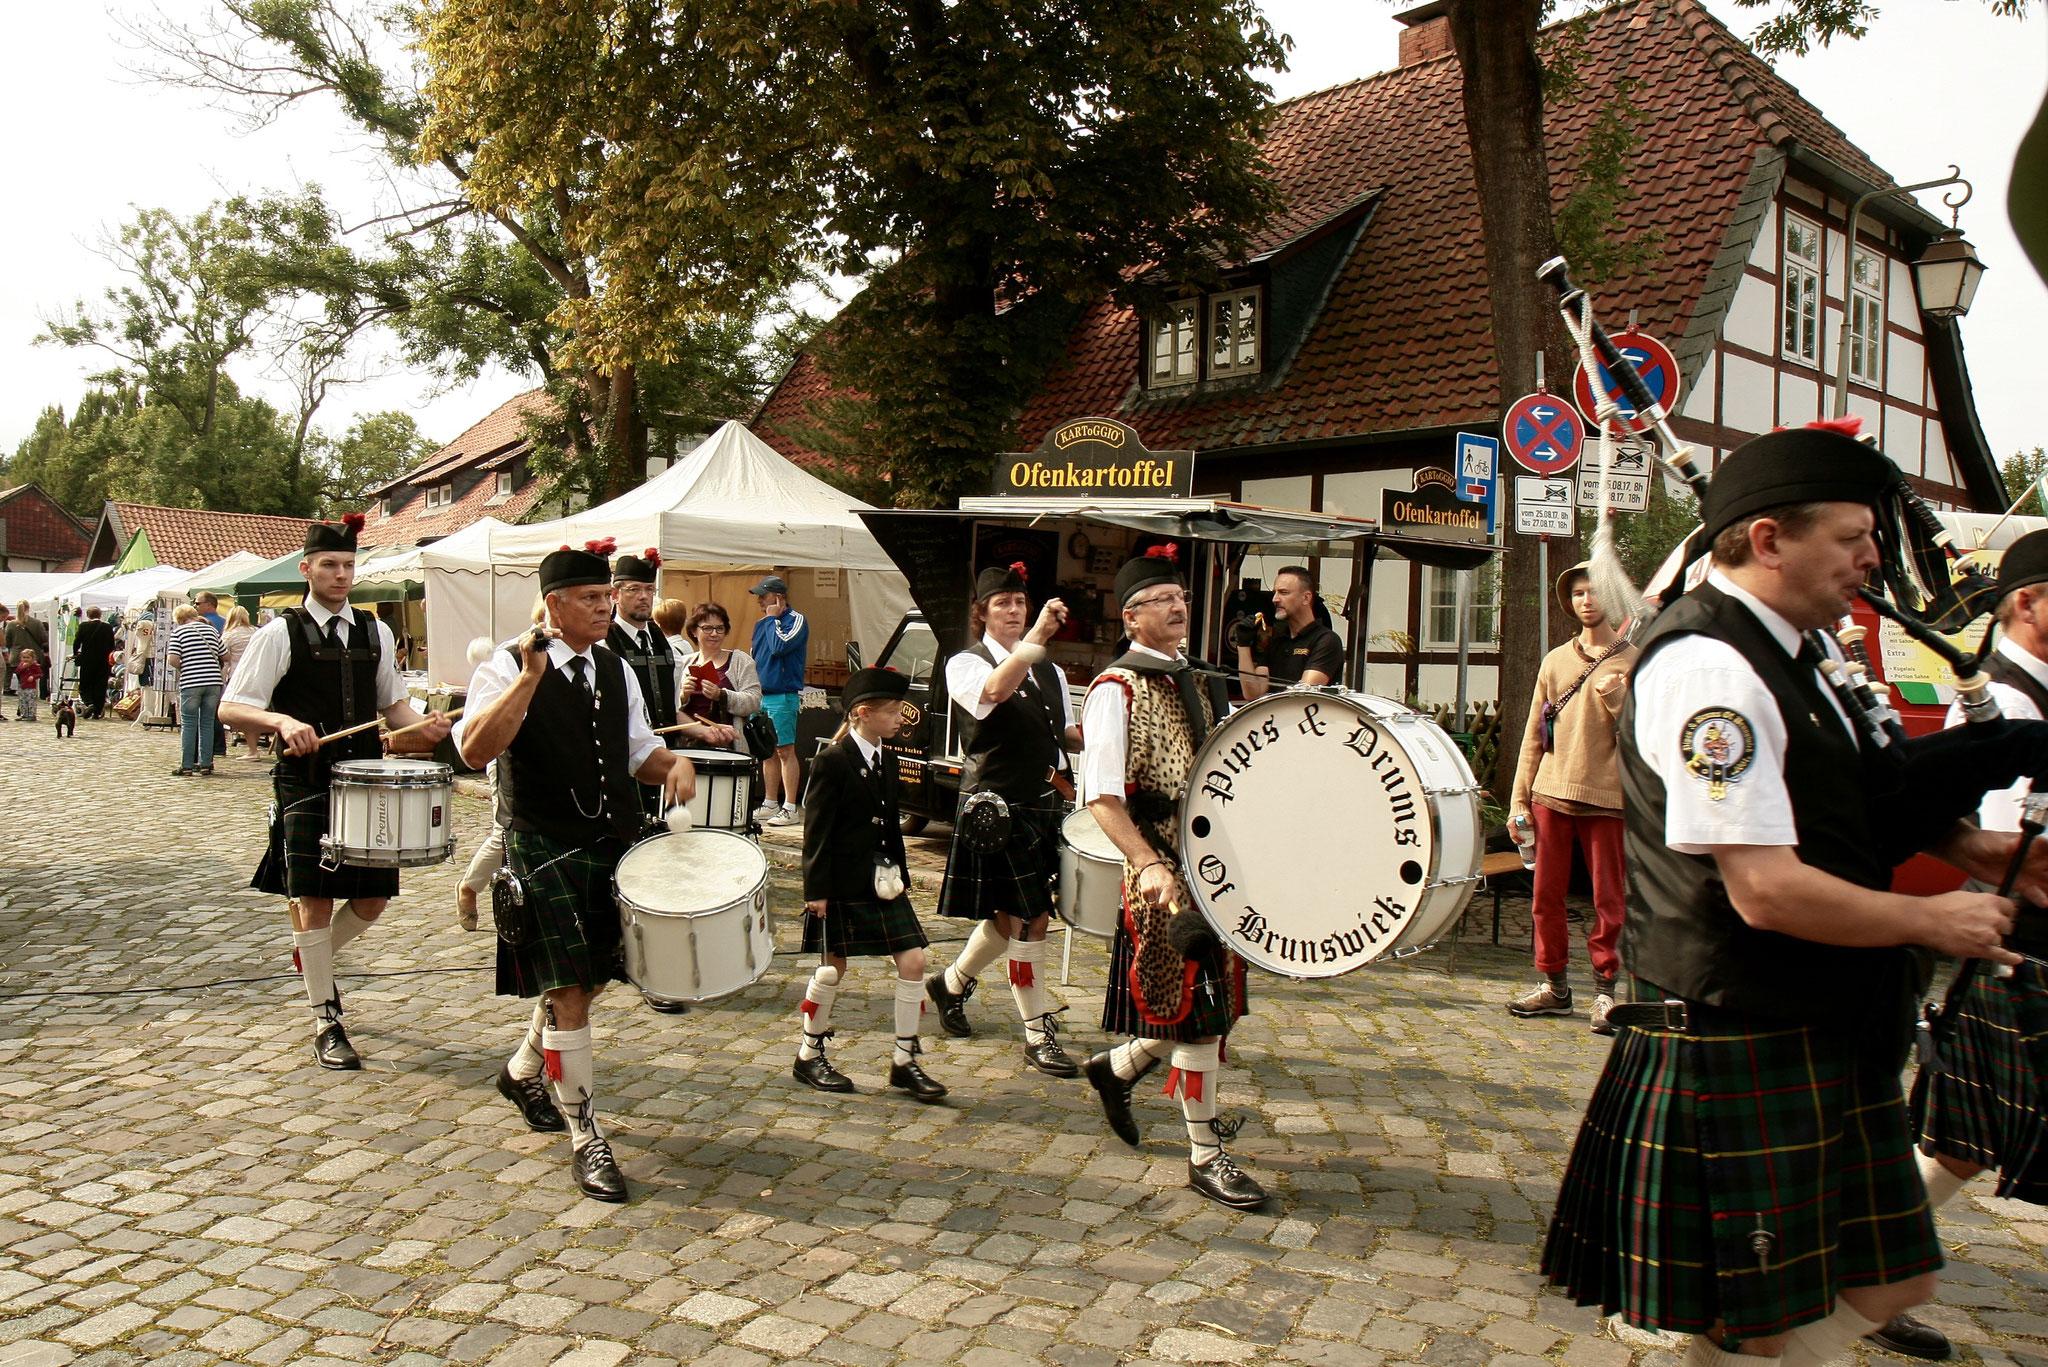 und Drums Brunswiek den Dorfmarkt zu eröffnen.